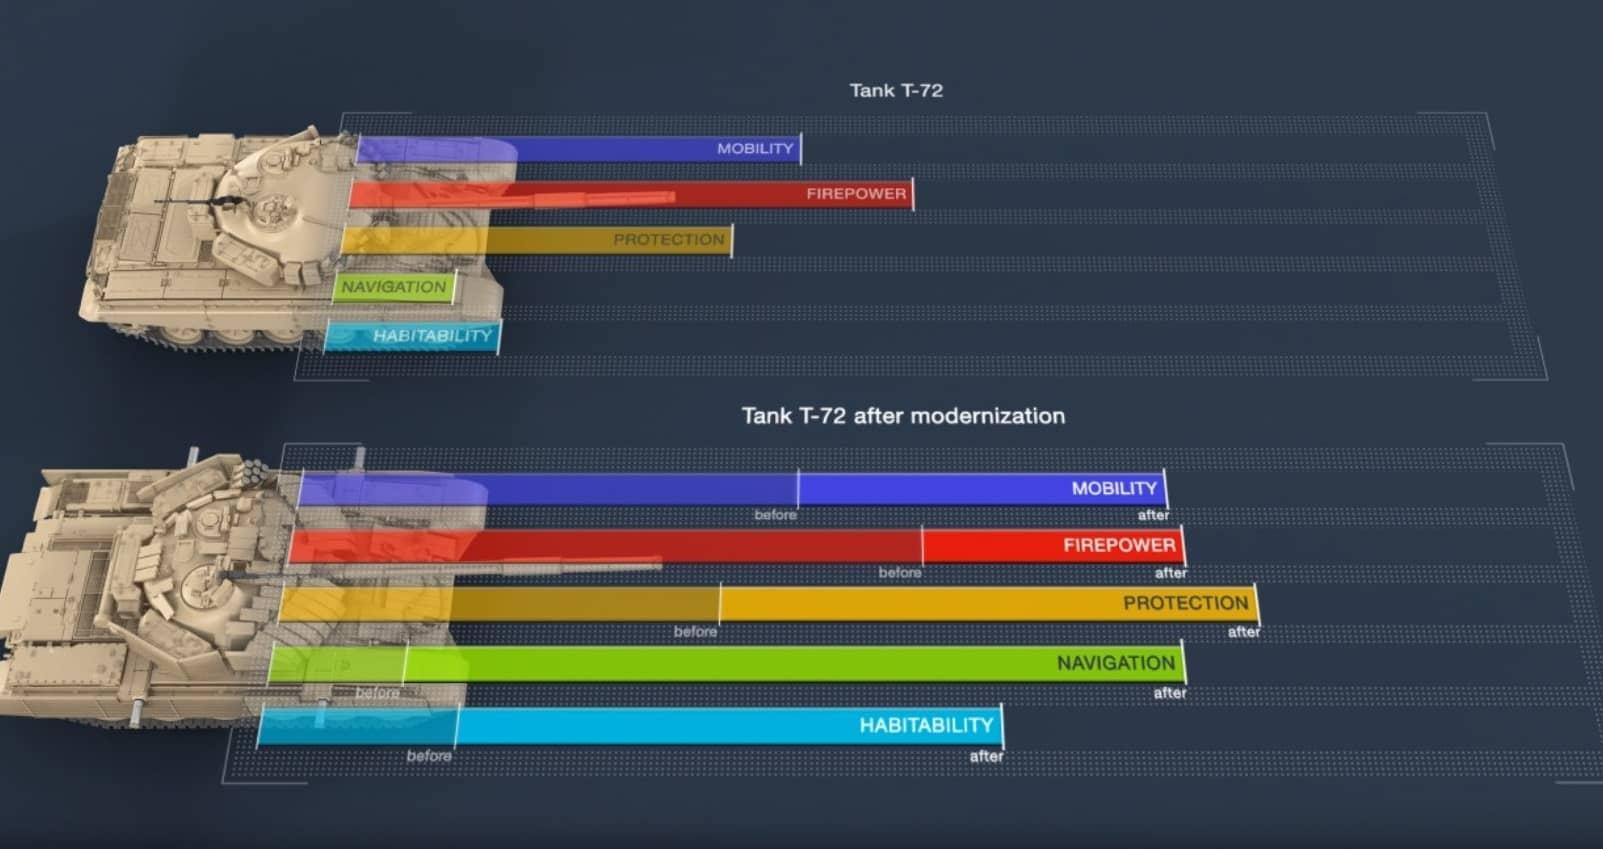 Підвищення ефективності Т-72 після модернізації